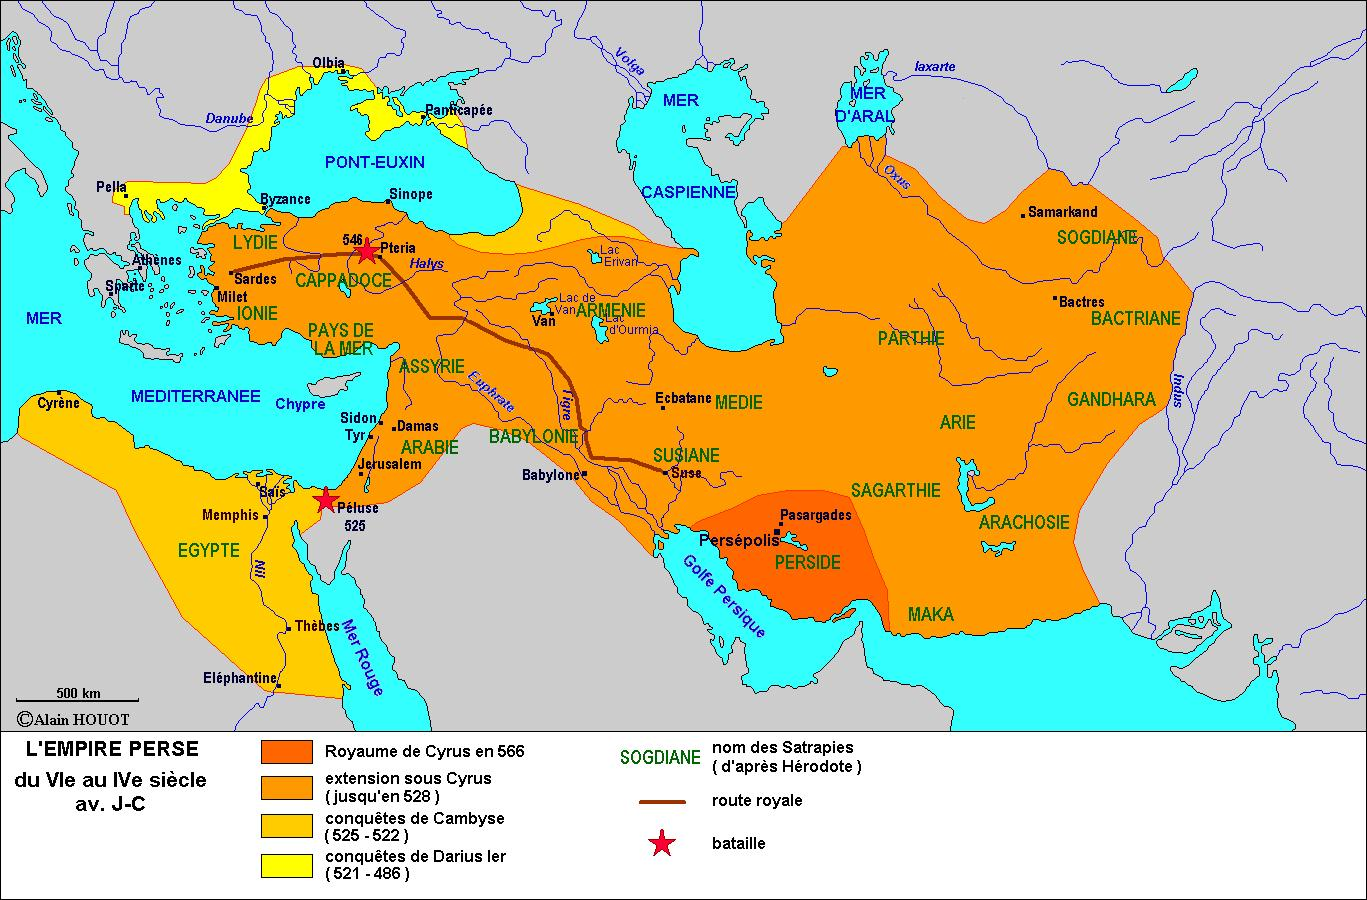 Empire perse